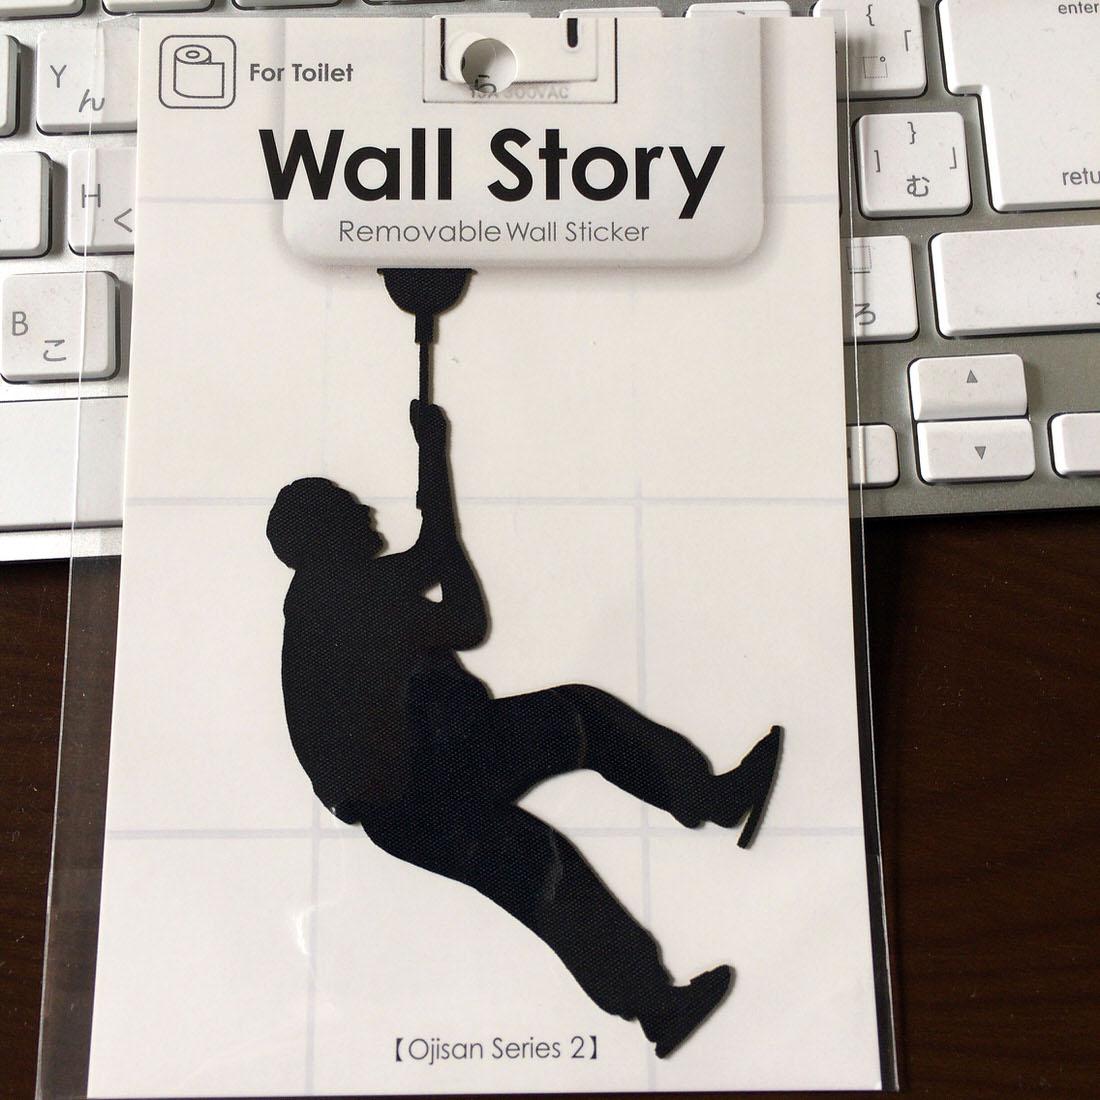 トイレ用-wall story